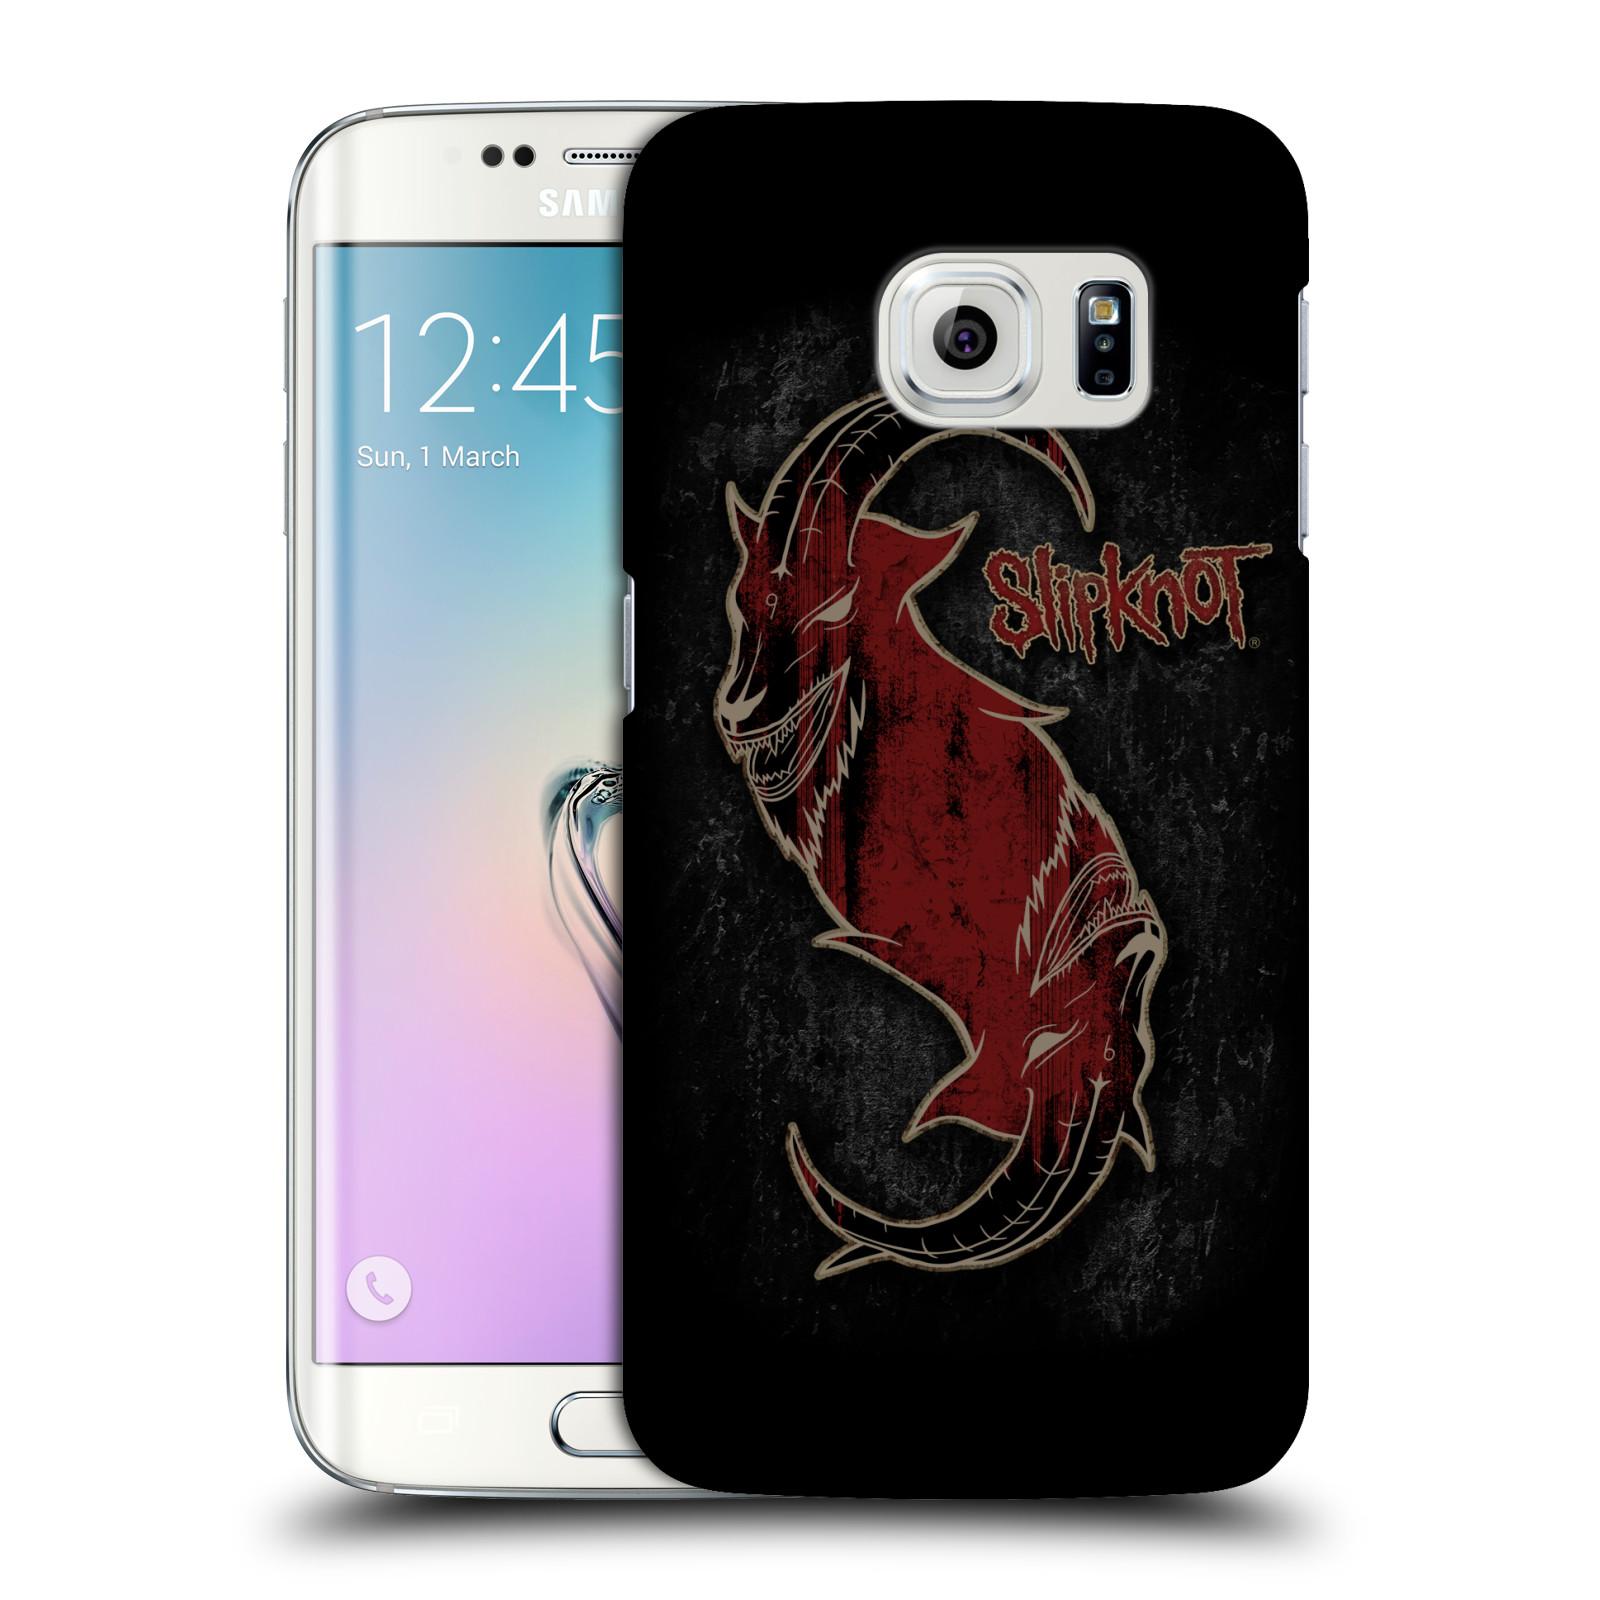 Plastové pouzdro na mobil Samsung Galaxy S6 Edge HEAD CASE Slipknot - Rudý kozel